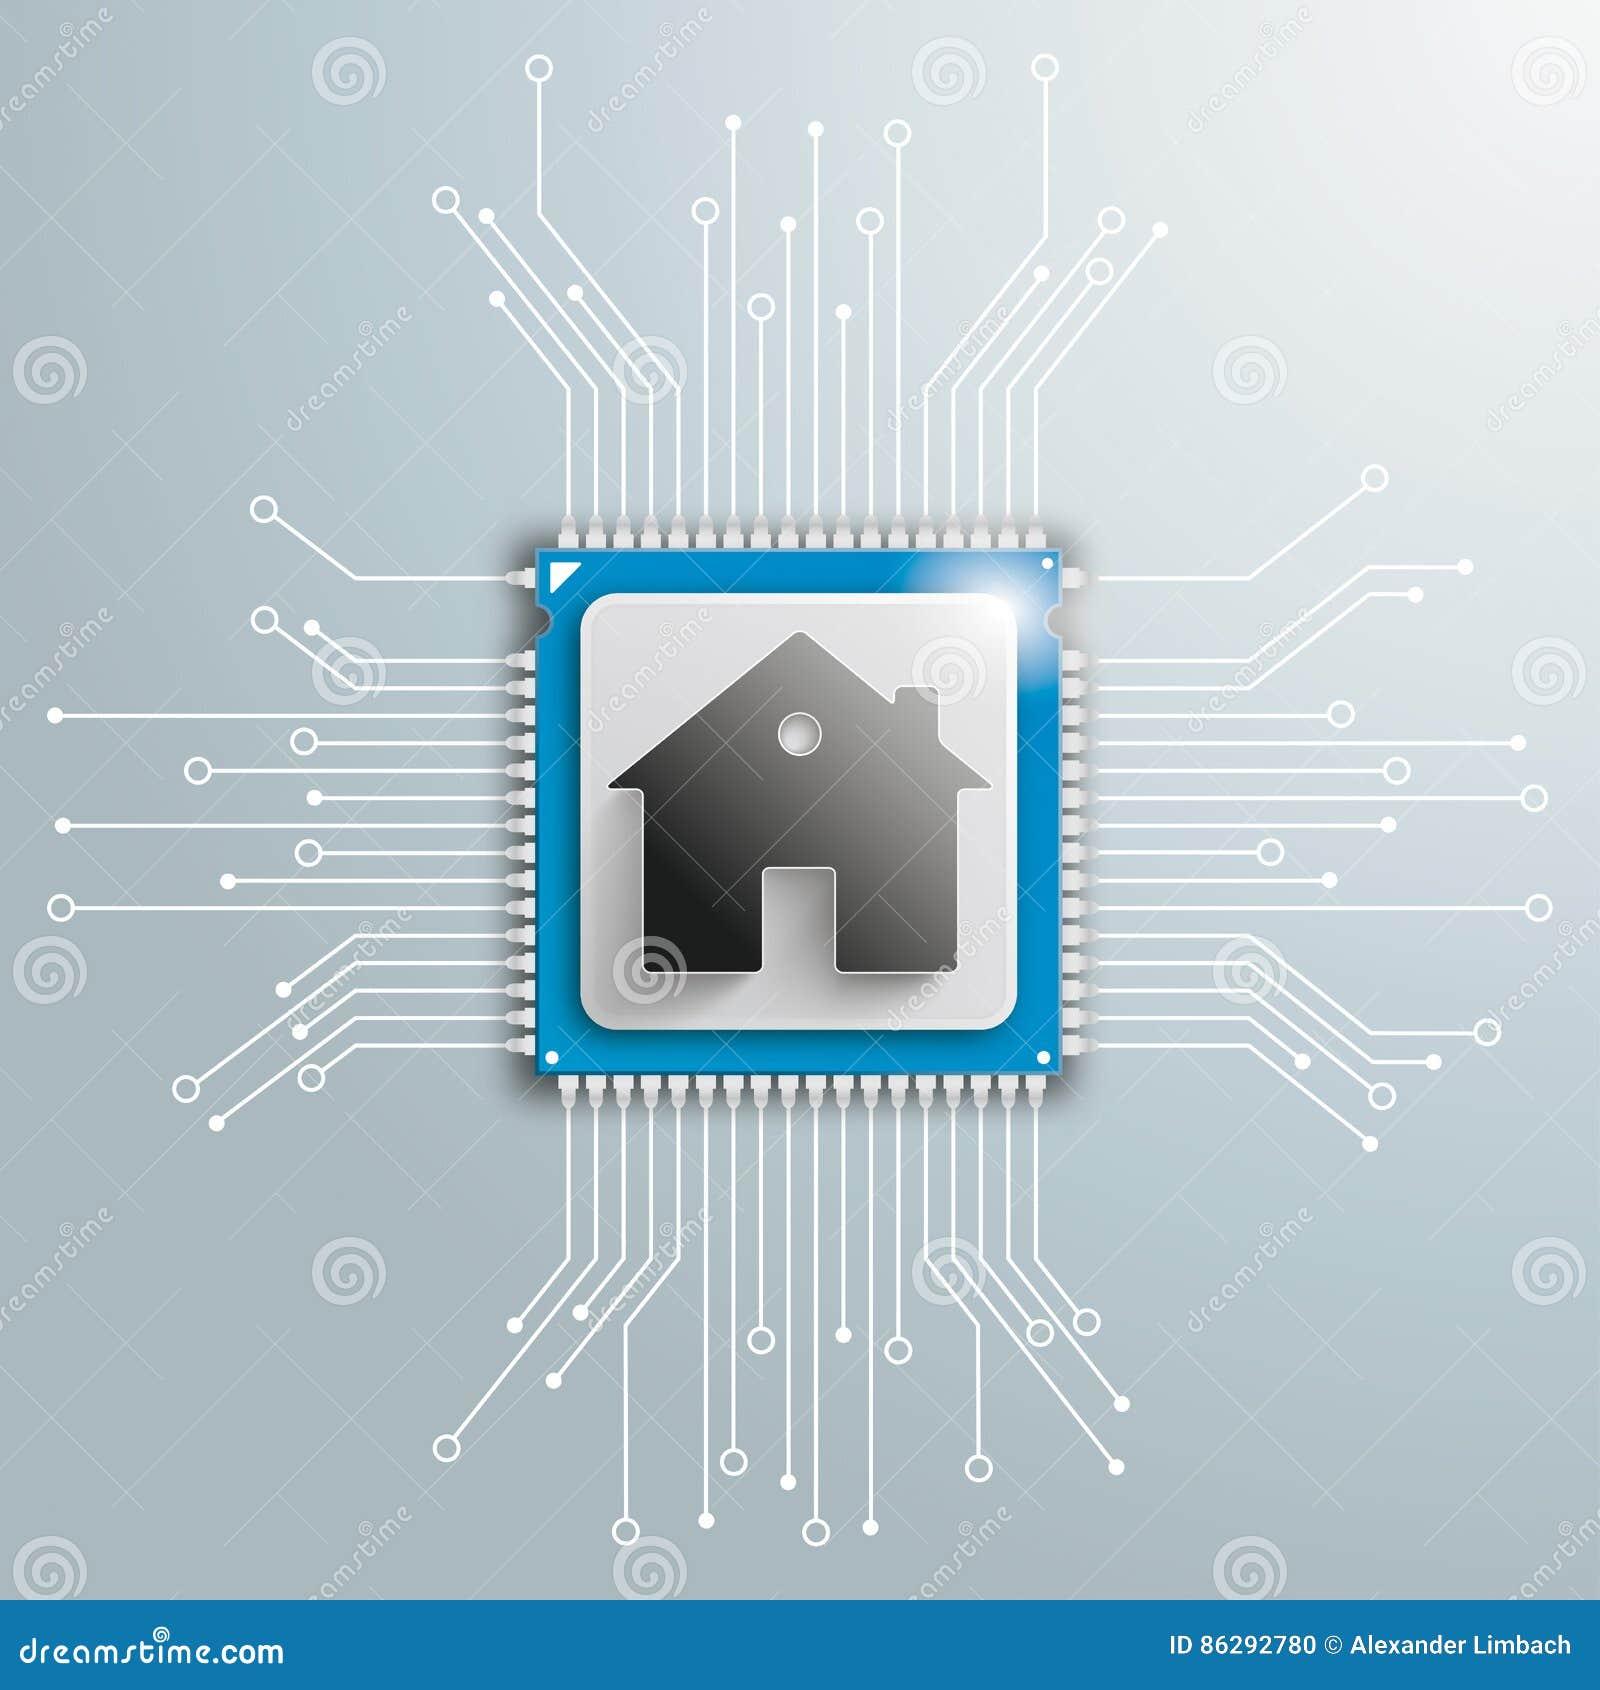 House Futuristic Processor Circuit Board Infographic Stock Vector ...